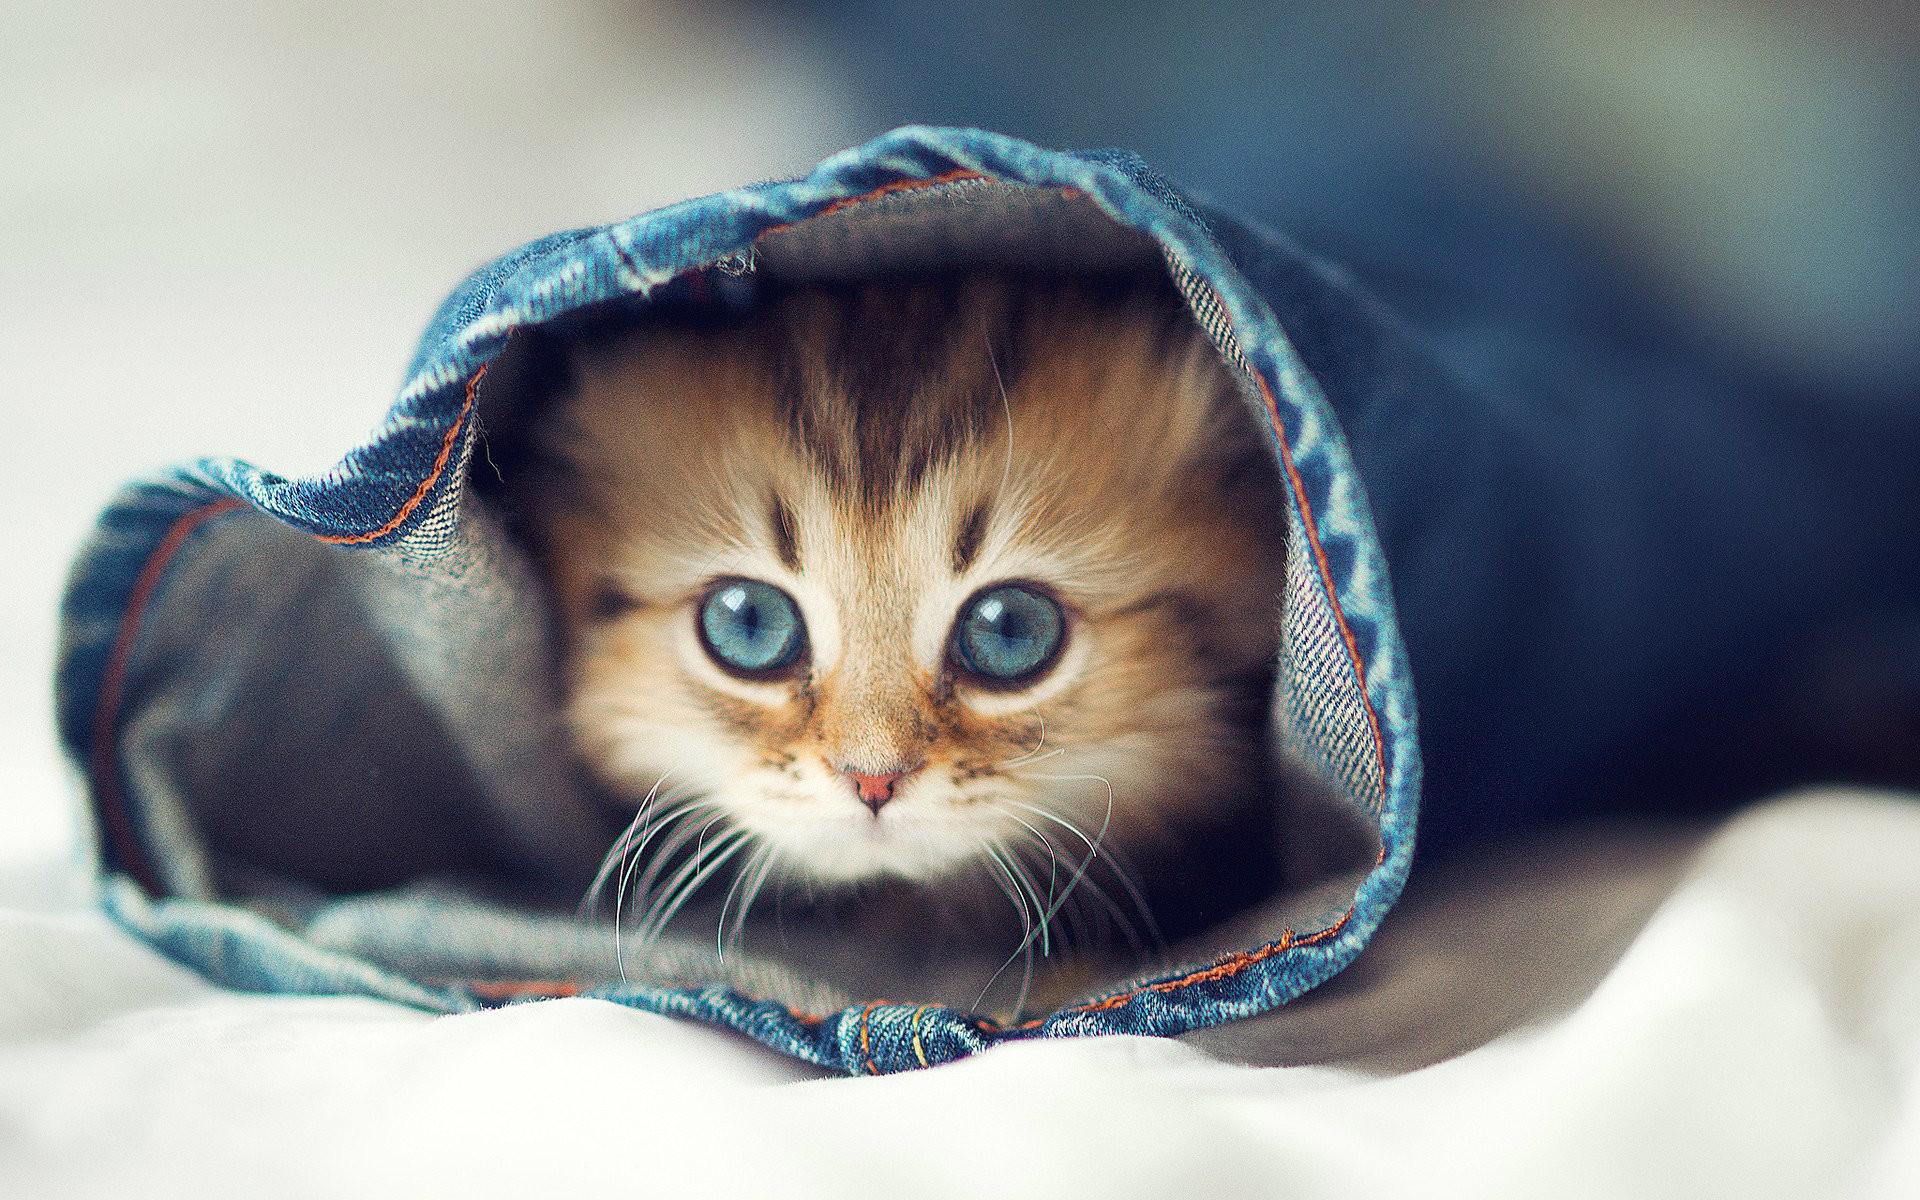 Most Beautiful Cute Cat Wallpaper Beautiful Image